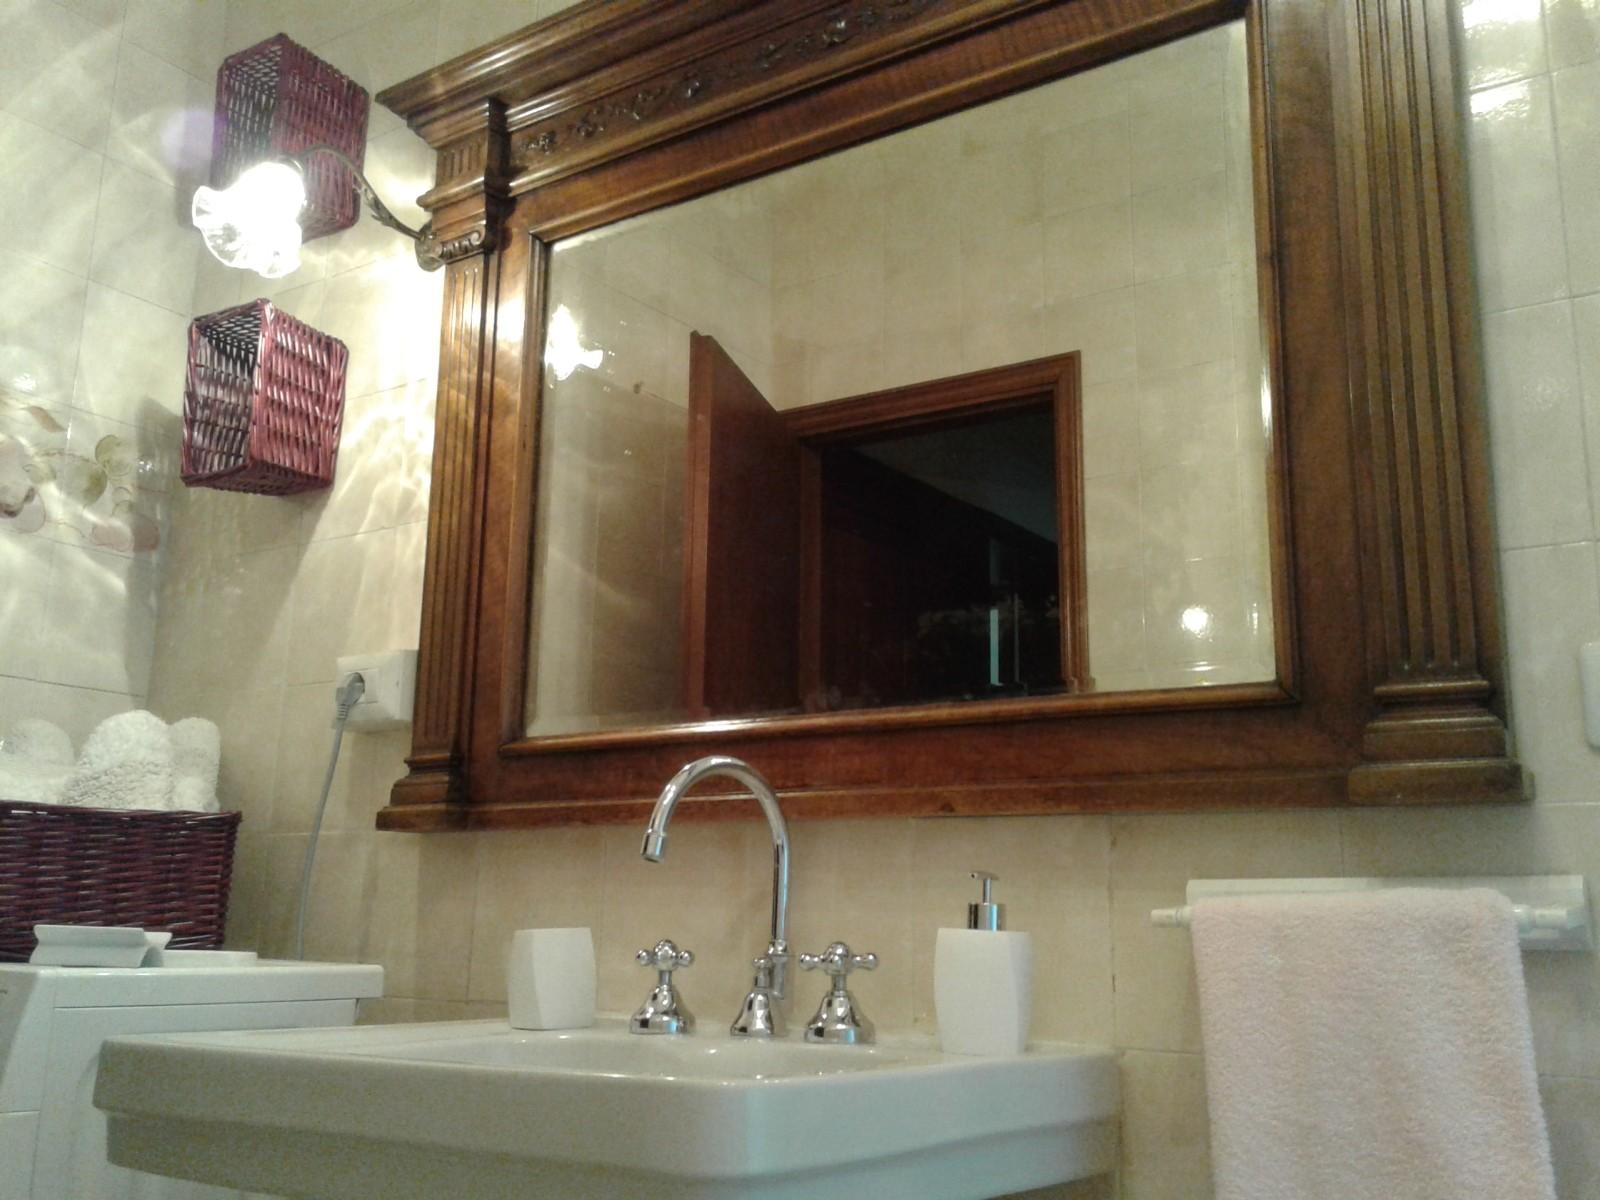 stanza-letti-balcone-c70a8fe4486b38efa17